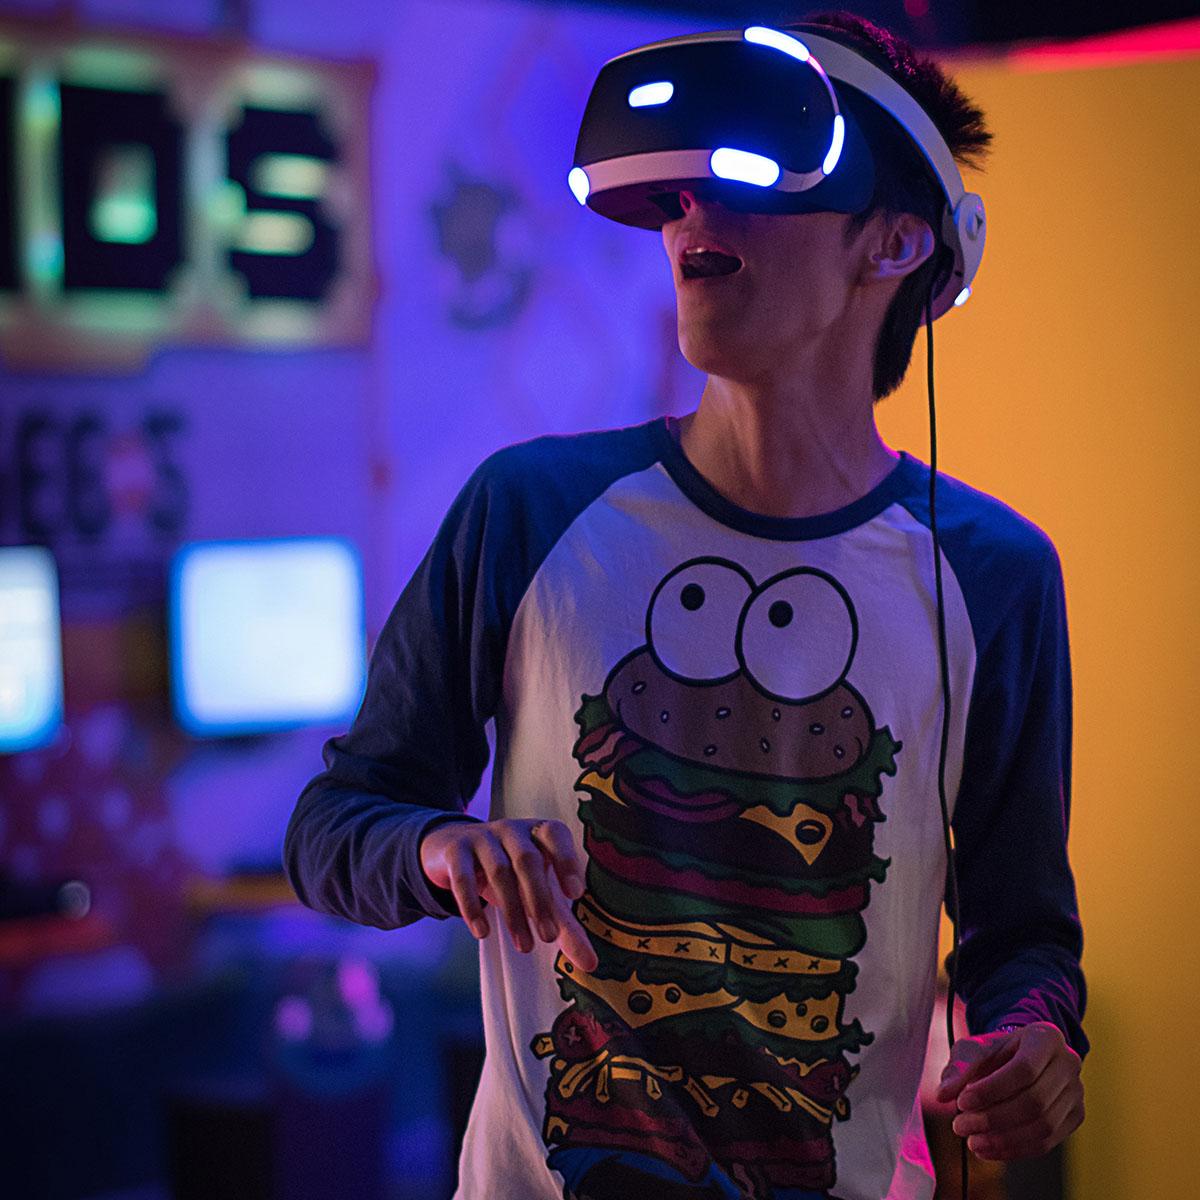 Jeune homme avec un casque de réalité virtuelle sur la tête